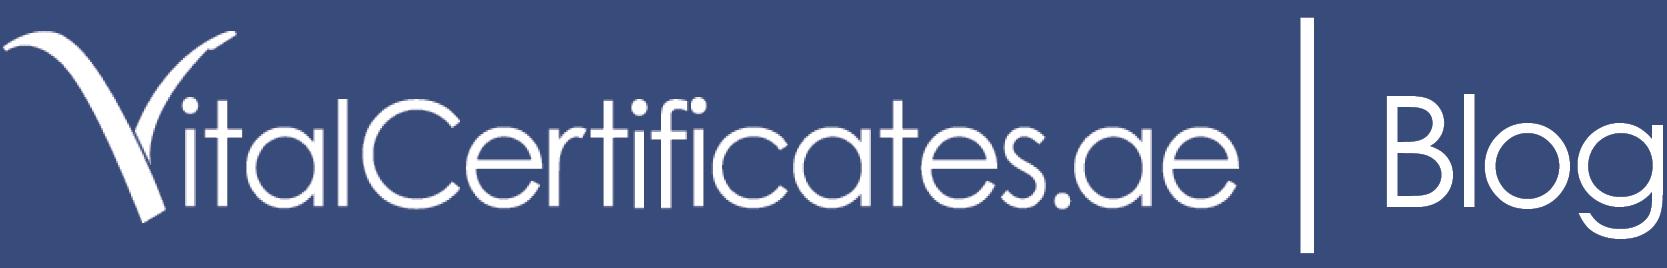 Vital Certificates UAE Blog | Consular Services in the UAE